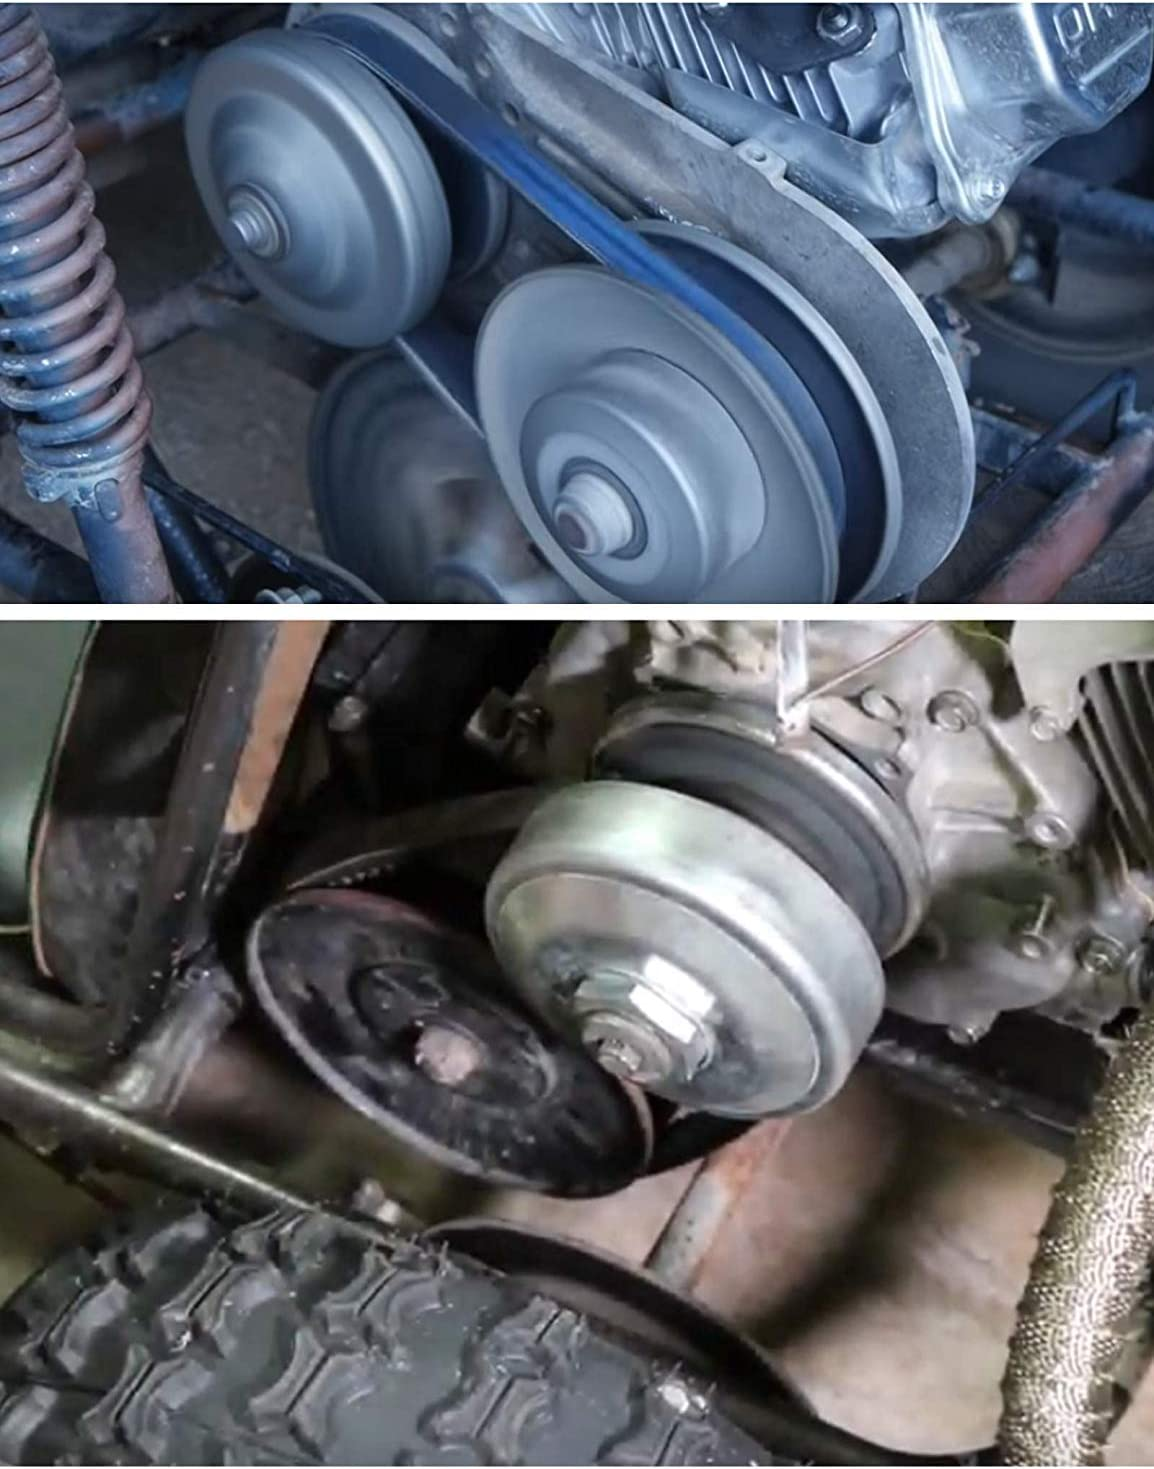 BLACKHORSE-RACING 40 Series 1 Bore Go Kart CVT Torque Converter Driver Clutch Fit for Comet 40//44